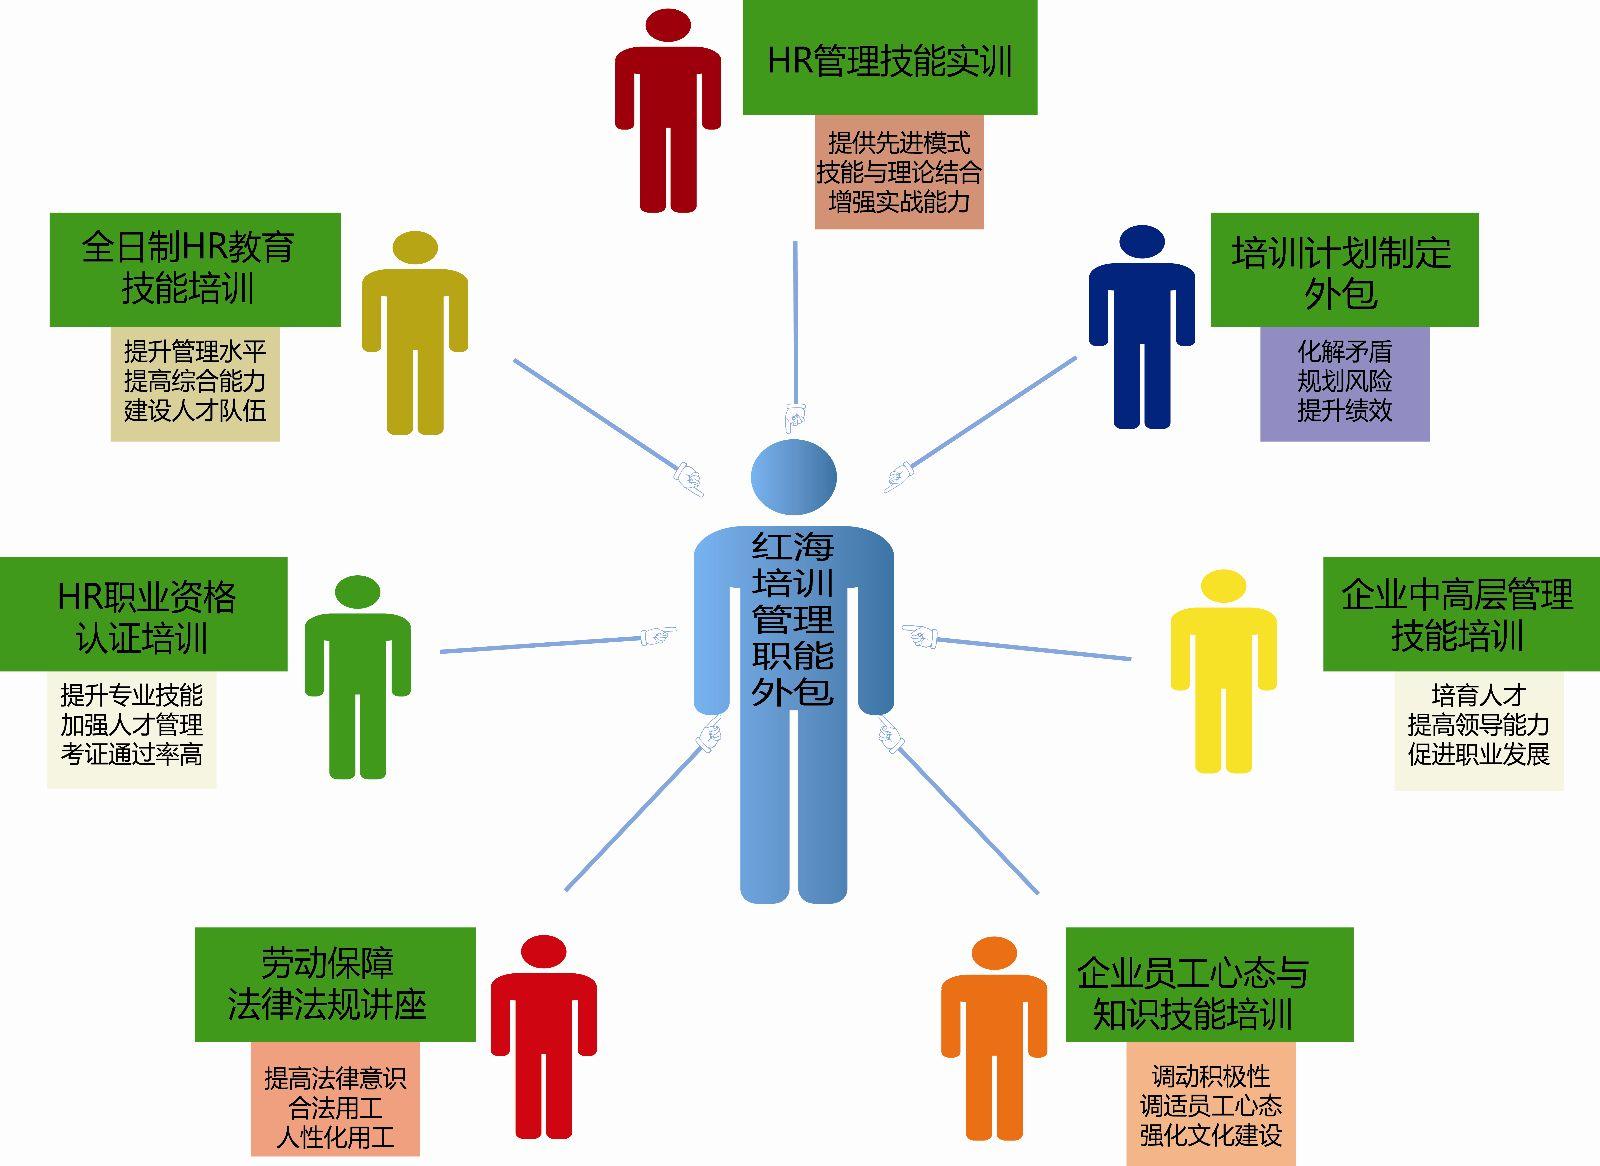 人力资源管理培训生_人力资源管理职能外包 - 红海人力集团